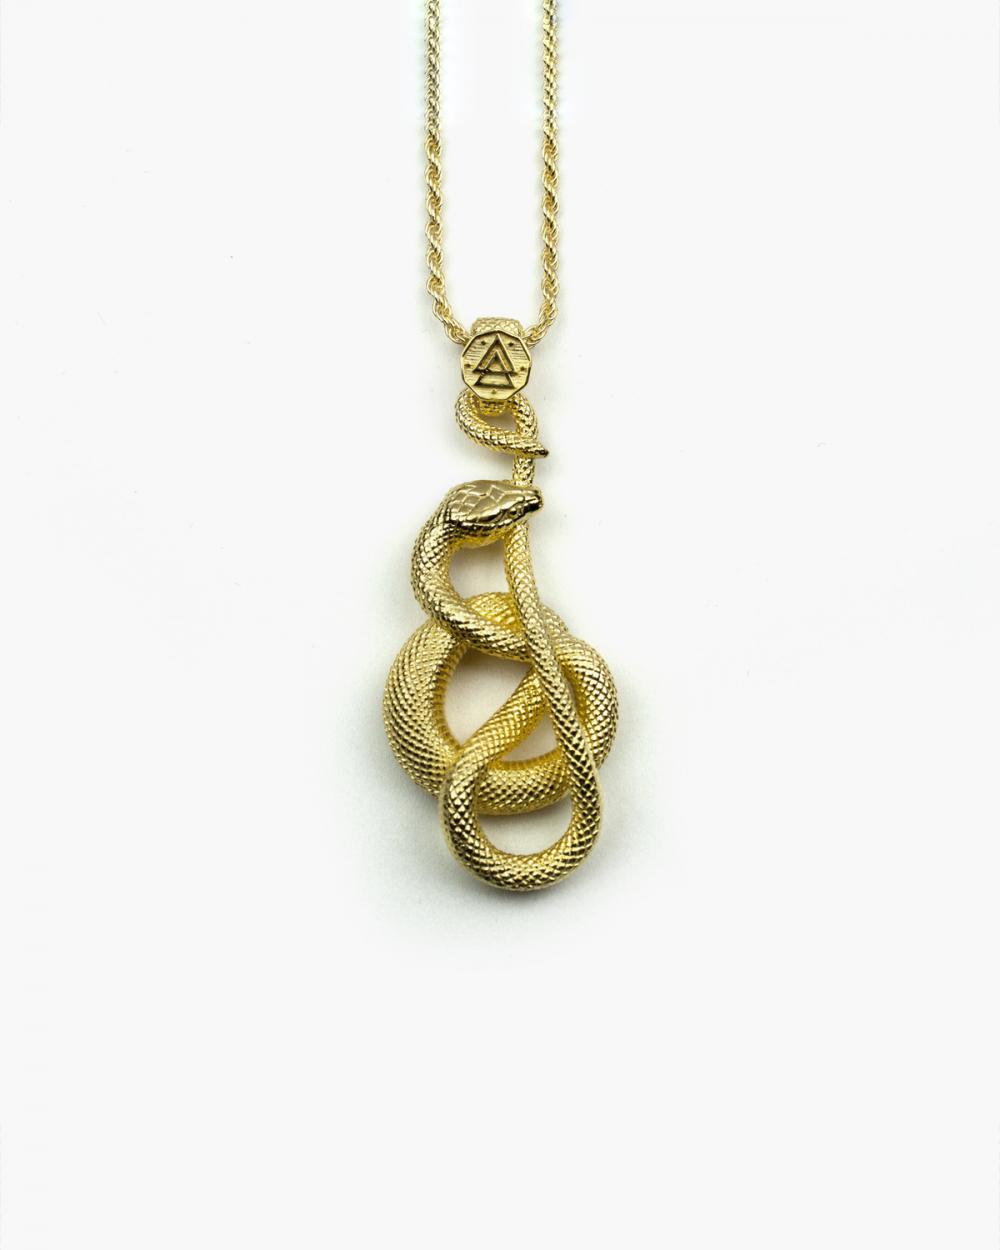 Necklaces YELLOW GOLD OUROBOROS NECKLACE NOVE25